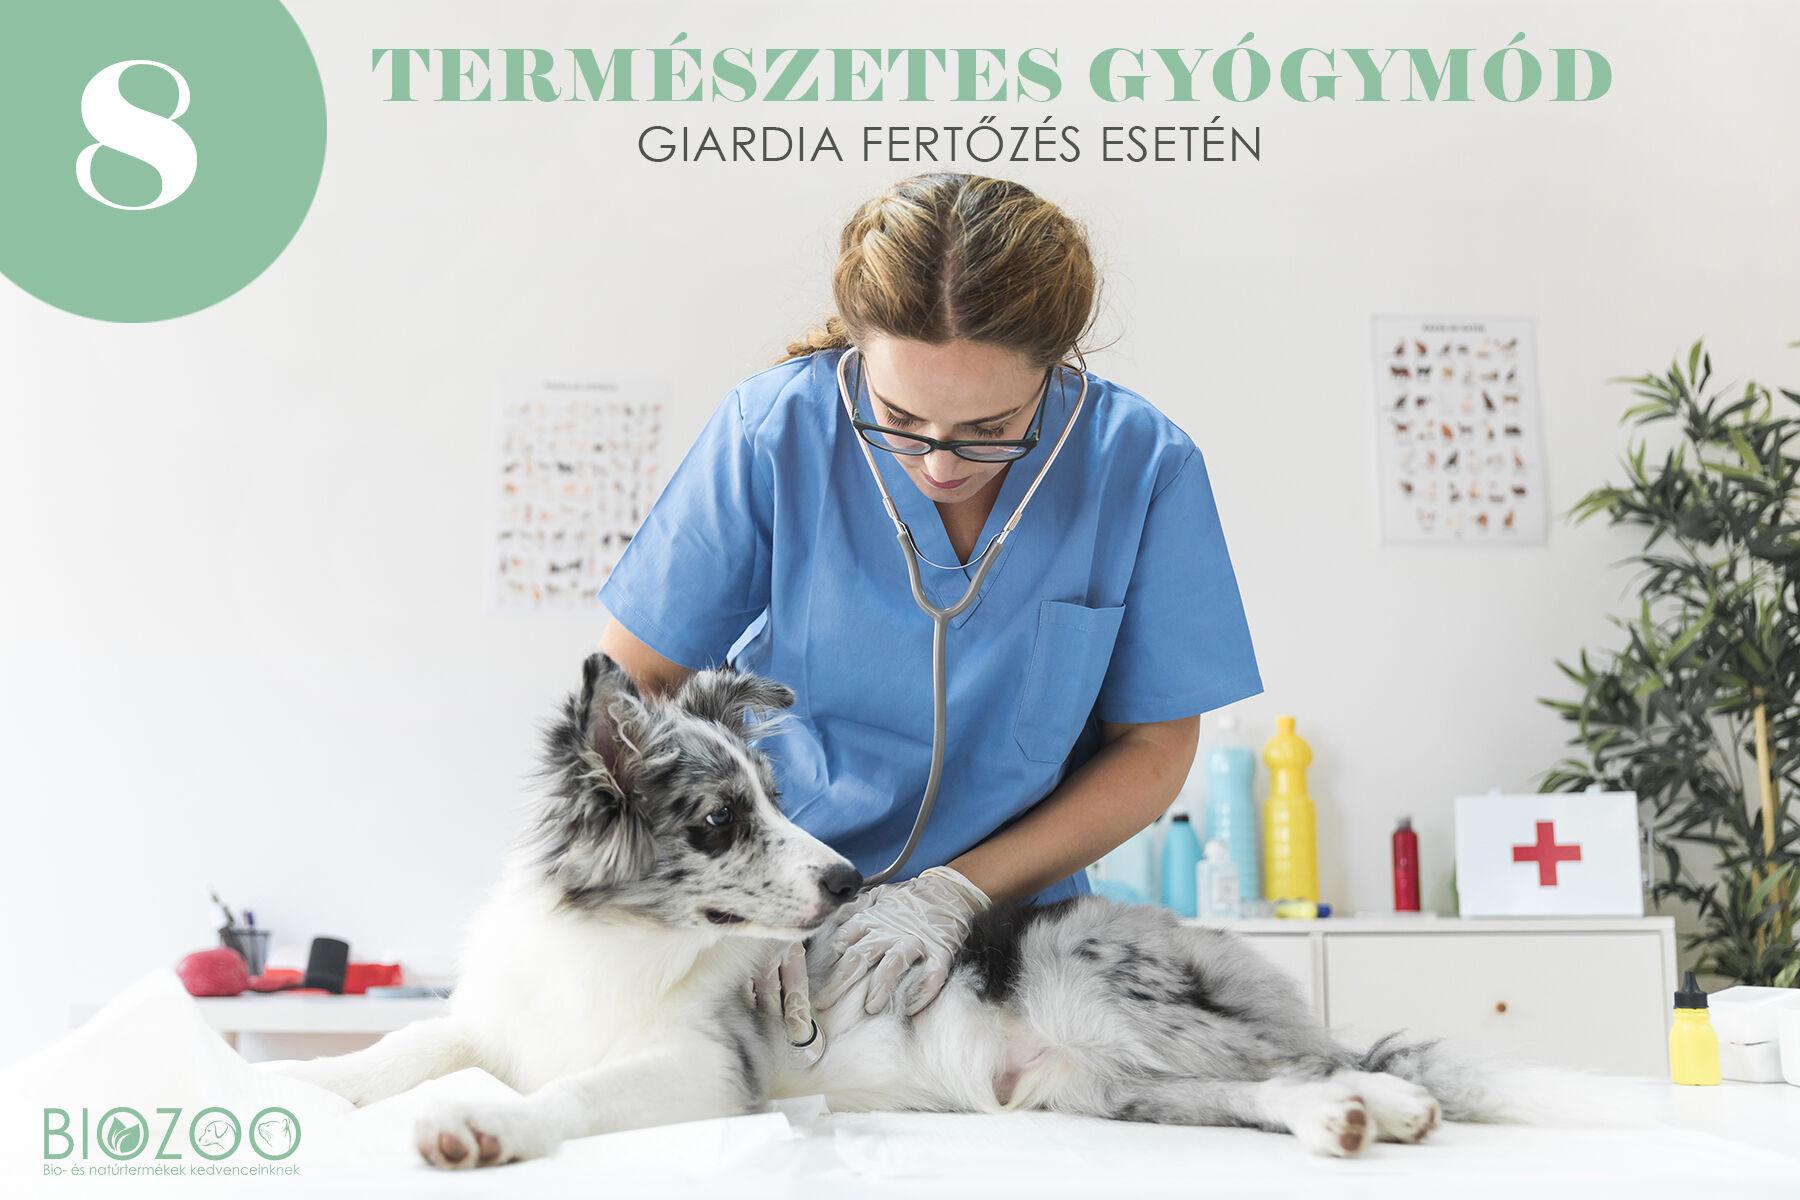 Panacur giardia dosage - Giardiasis kutyákban: leírás, jellemzők, okok és kezelés - Háziállat -